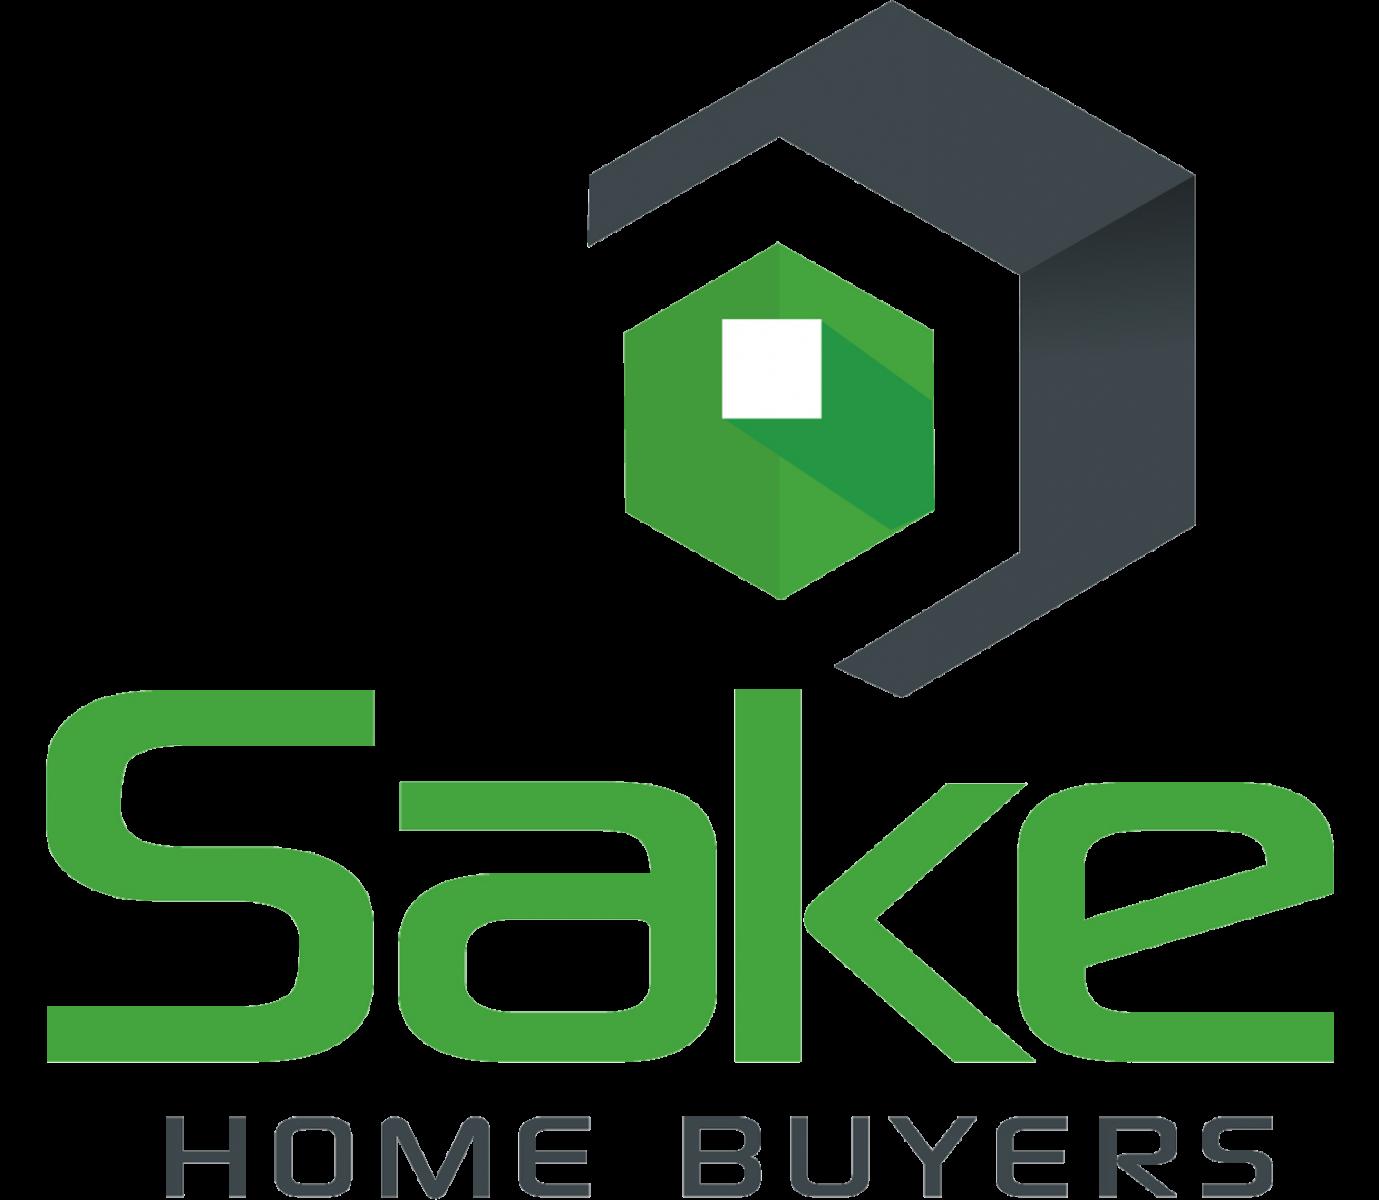 Sake Home Buyers logo